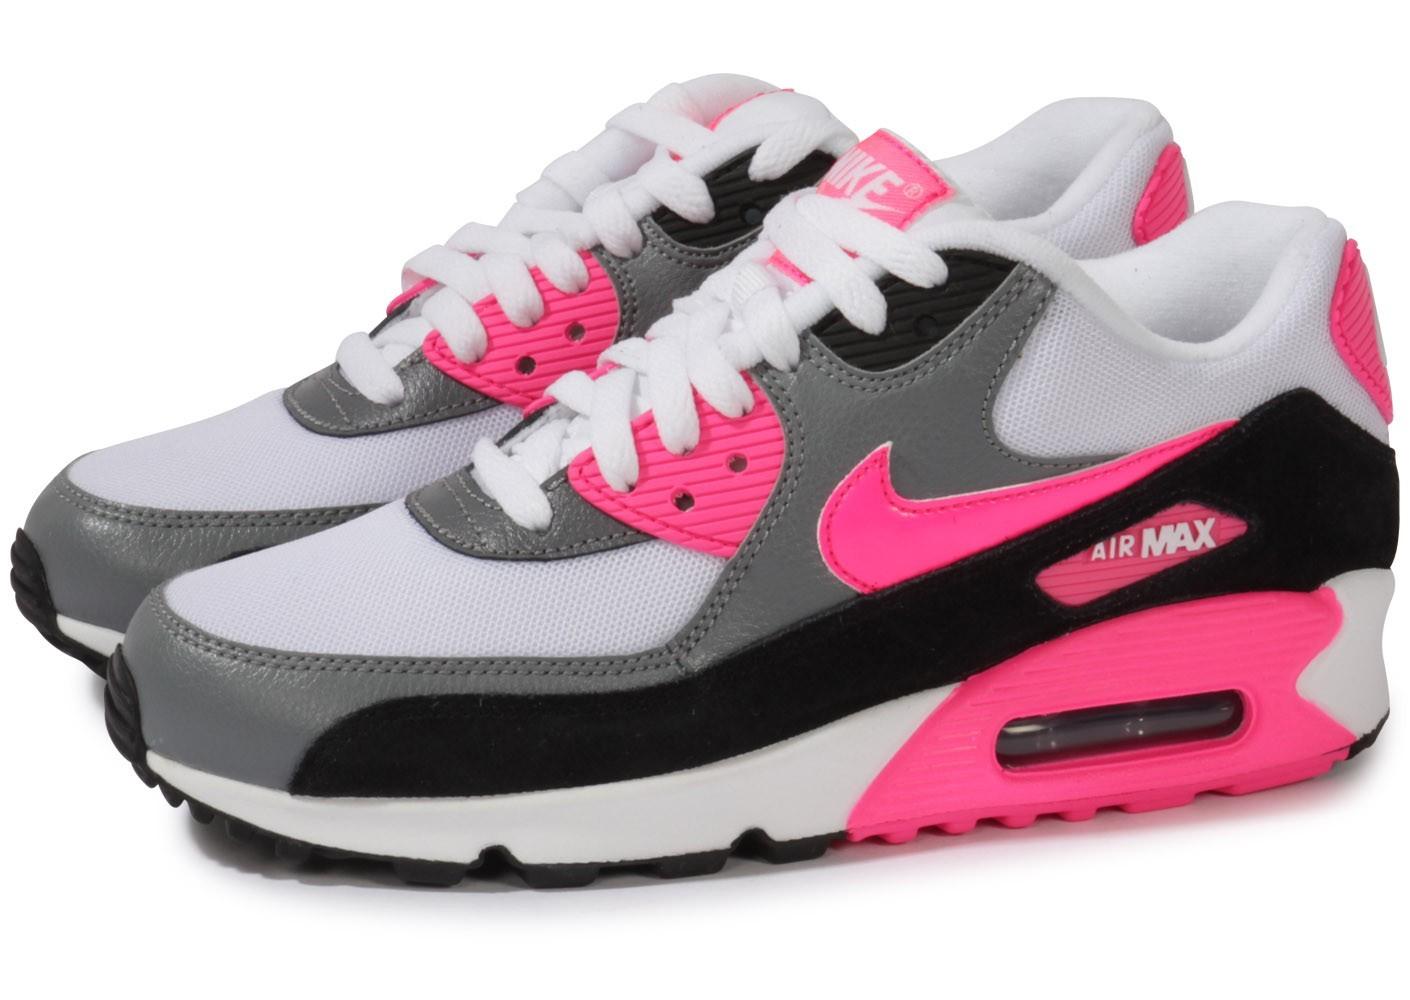 Nike Air achat Femme Baskets Vente Pour Chaussures C07dwq0